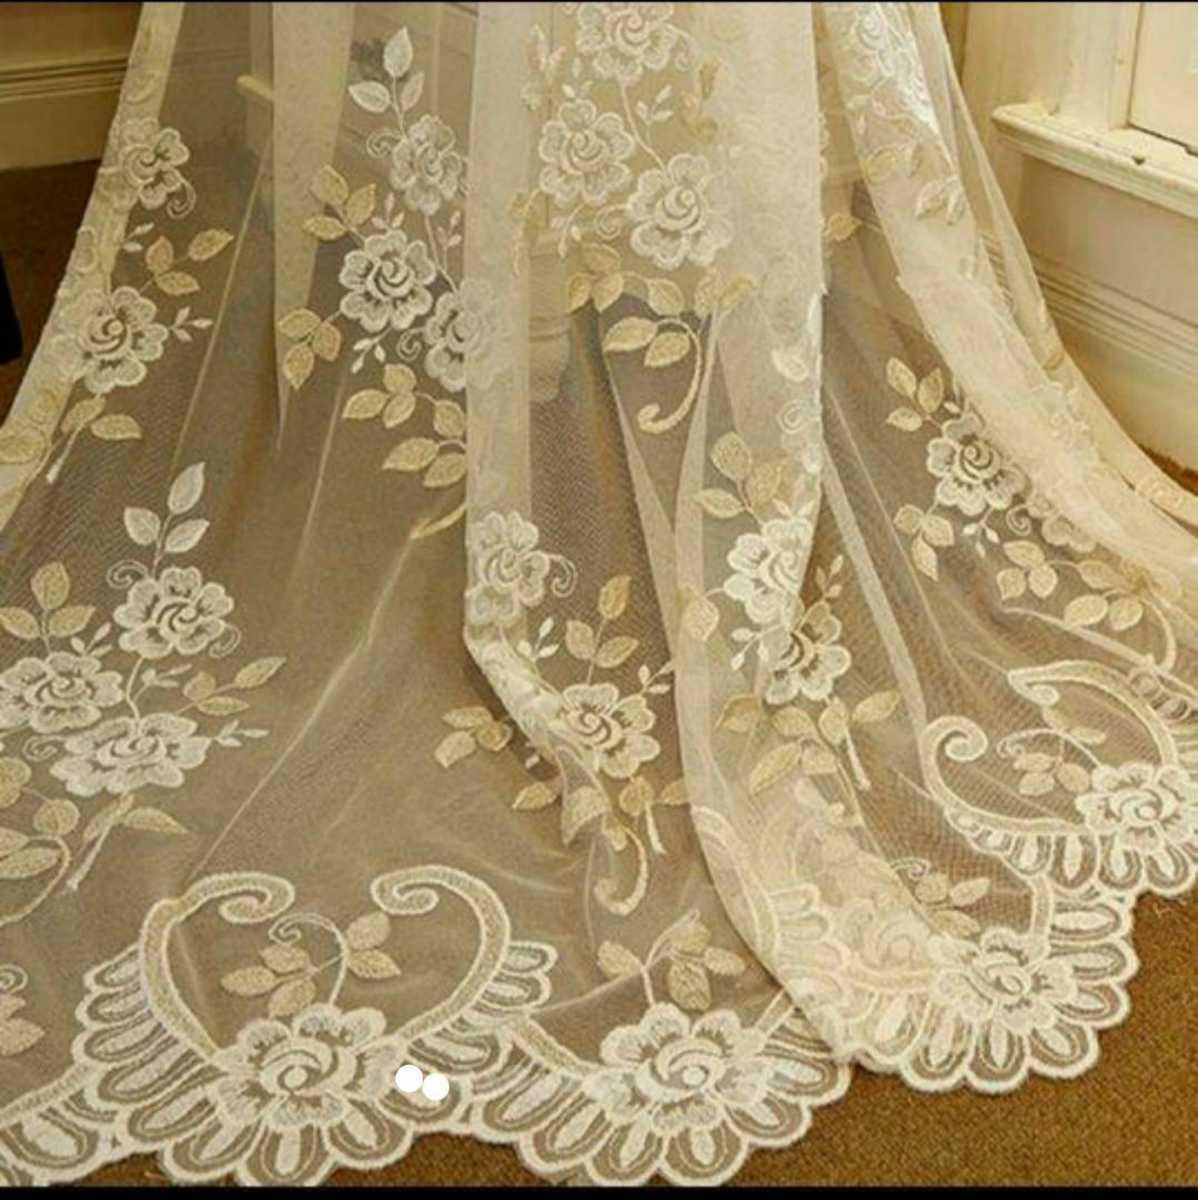 ゴールドとパールの花刺繍レースカーテン1枚 よこ約100㎝xたて約200㎝ フランス エレガント